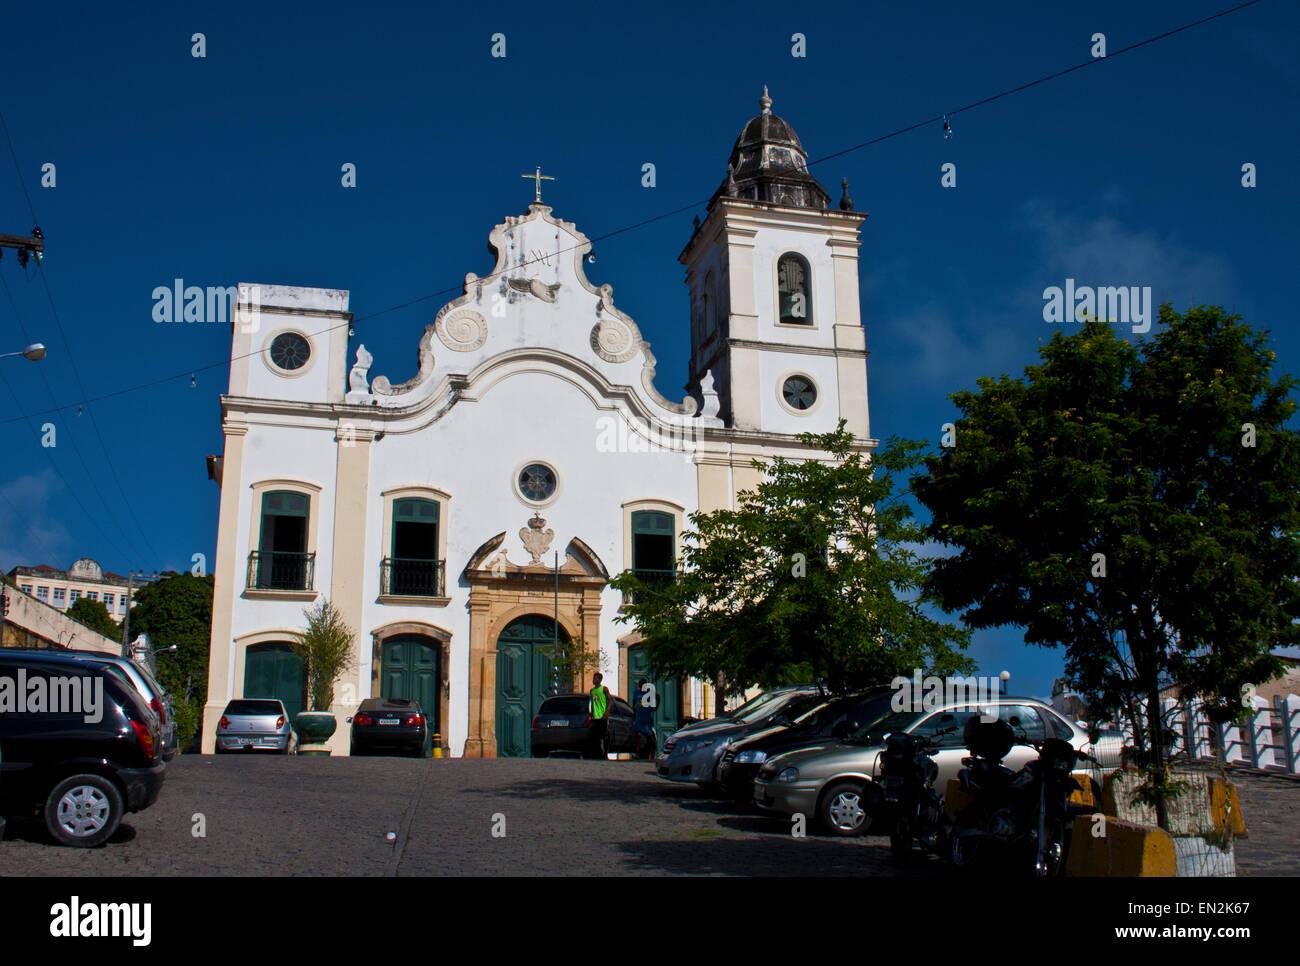 Olinda, Recife, Pernambuco, Brazil, Igreja do Amparo. - Stock Image